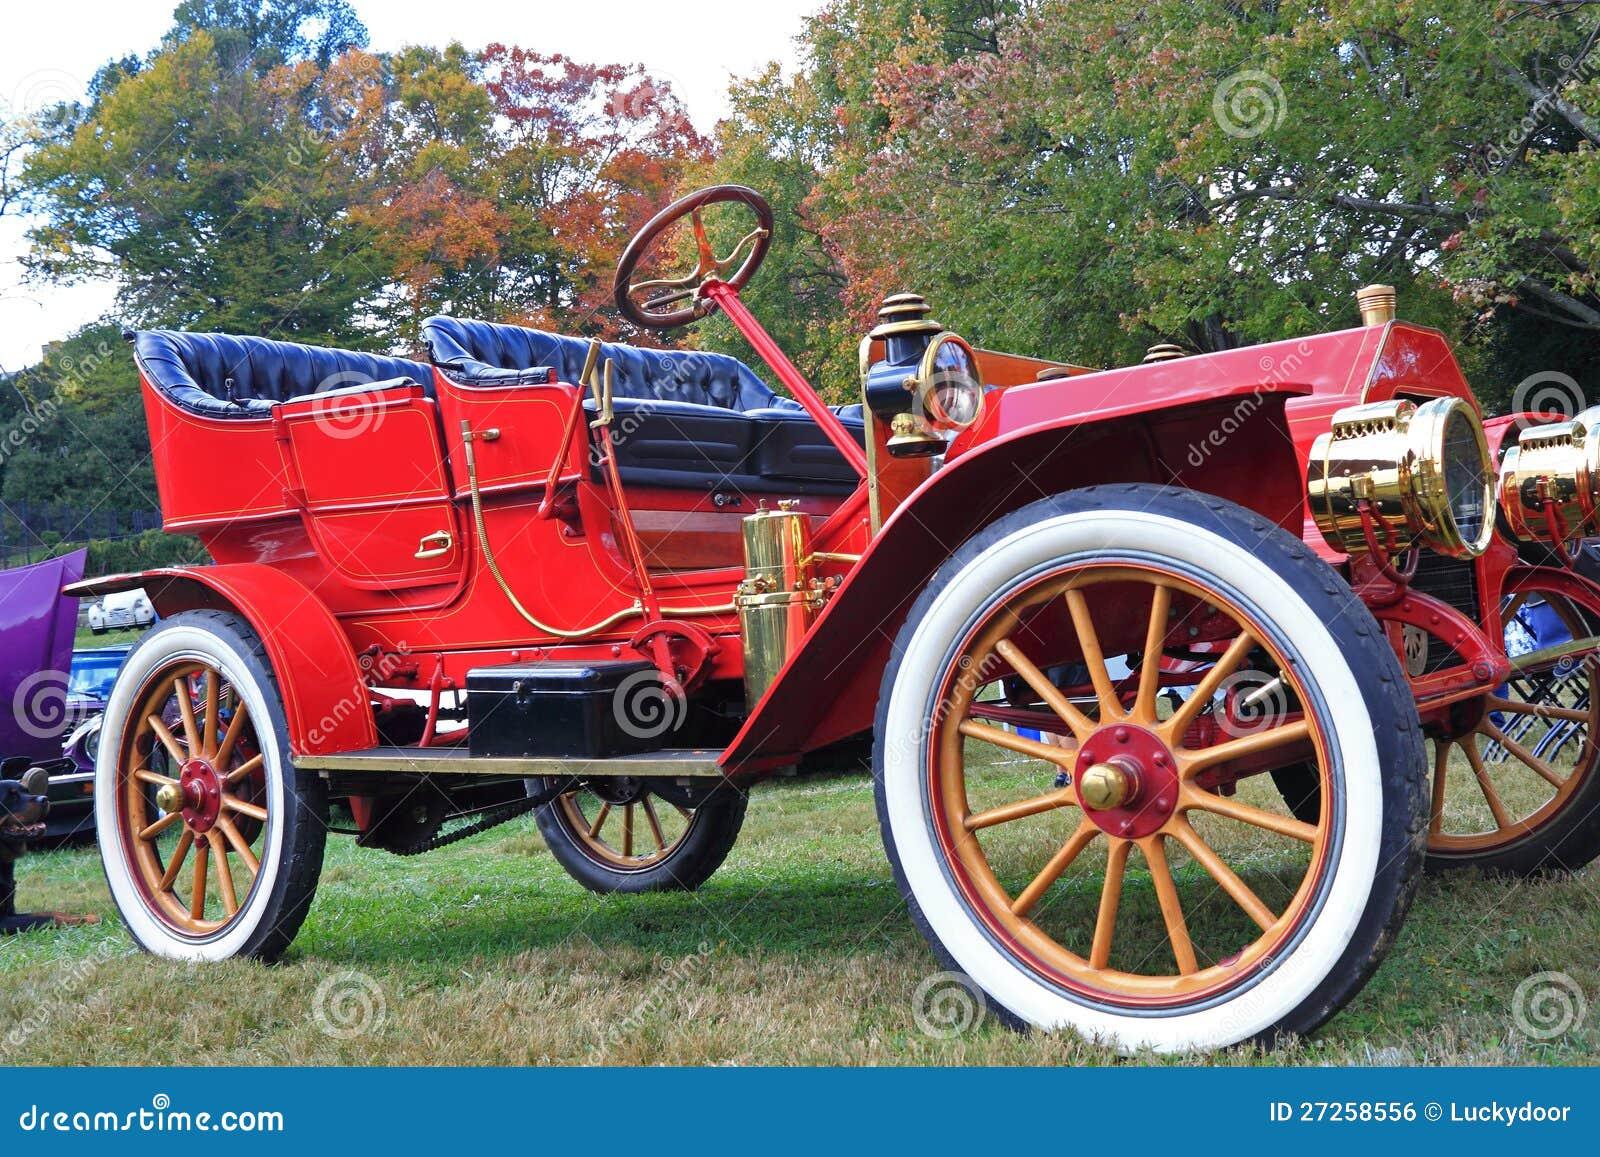 voiture ancienne rouge image libre de droits image 27258556. Black Bedroom Furniture Sets. Home Design Ideas